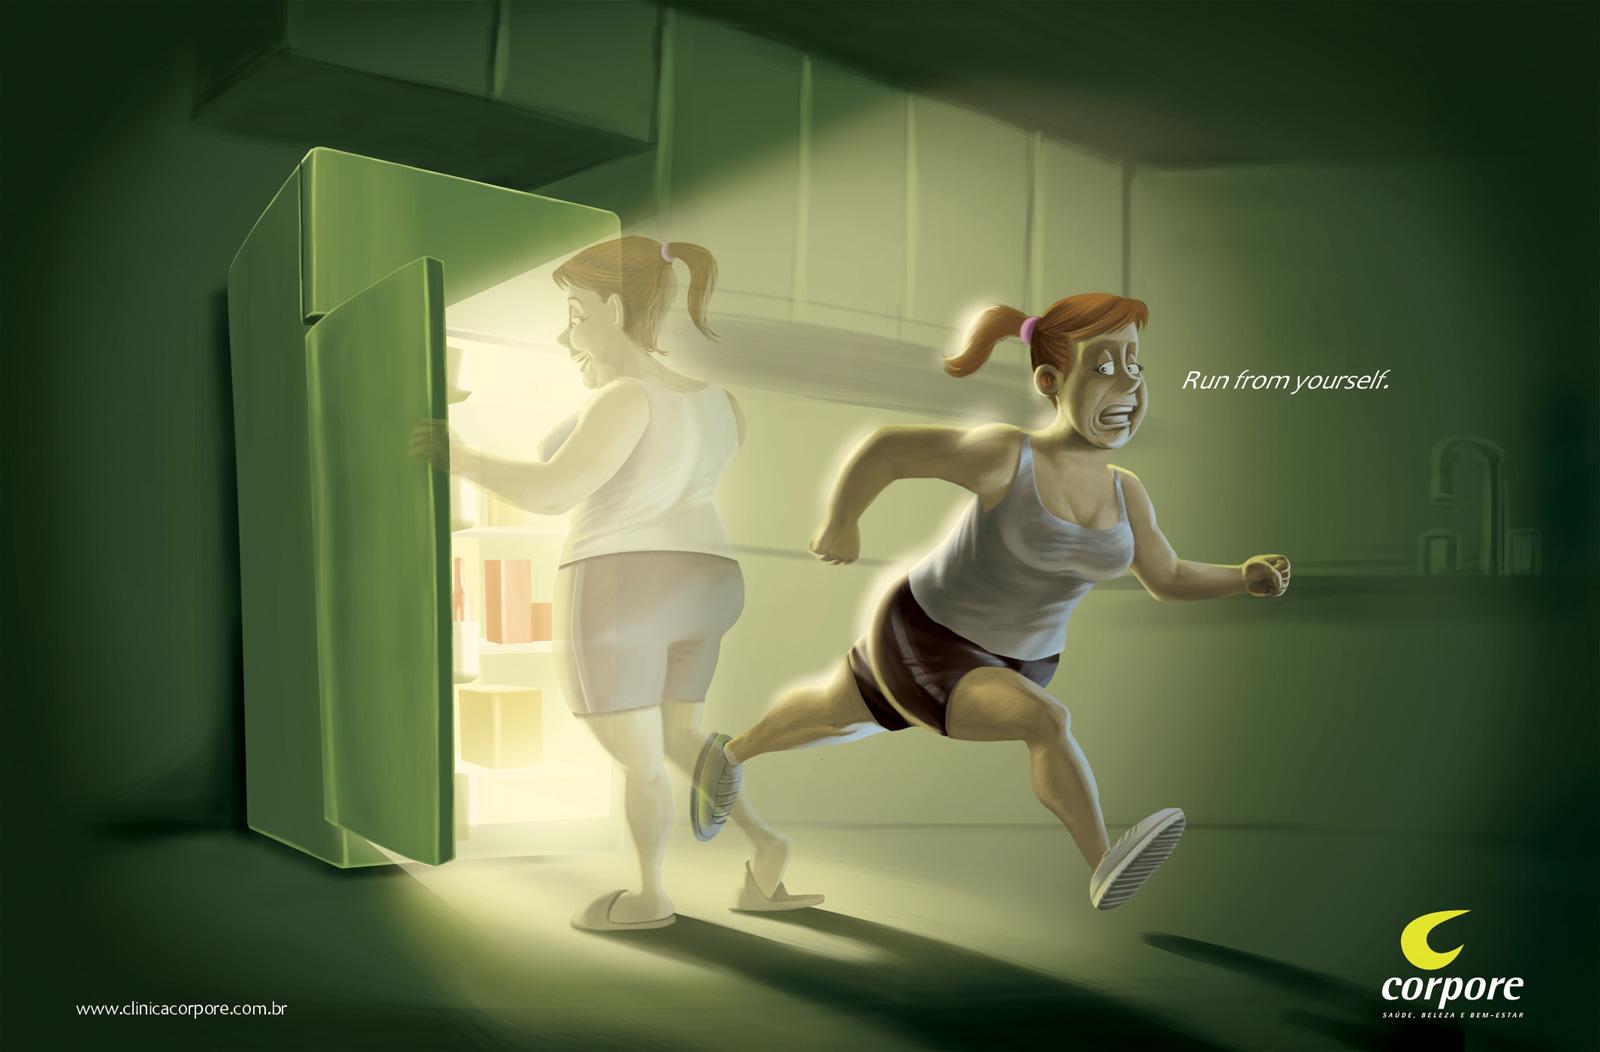 Социальная реклама похудения